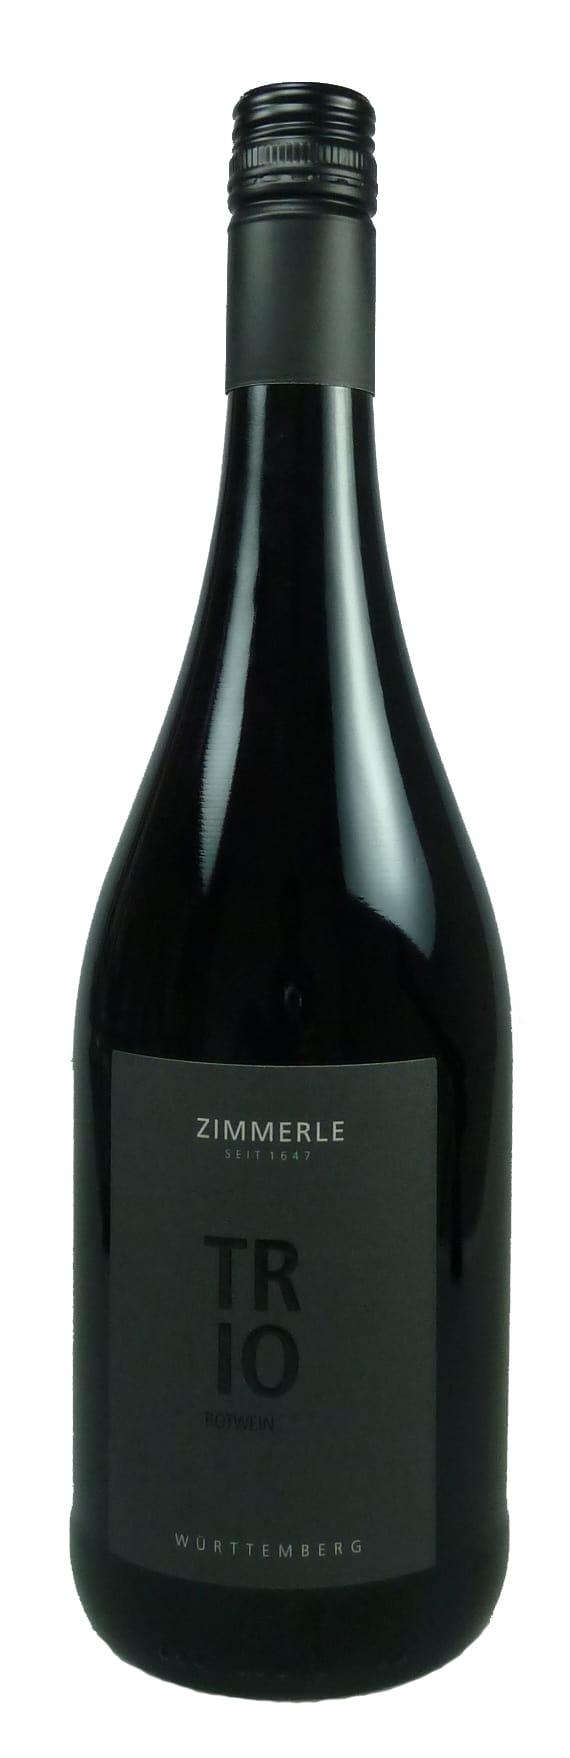 Cuvée TRIO Rot Qualitätswein trocken 2016